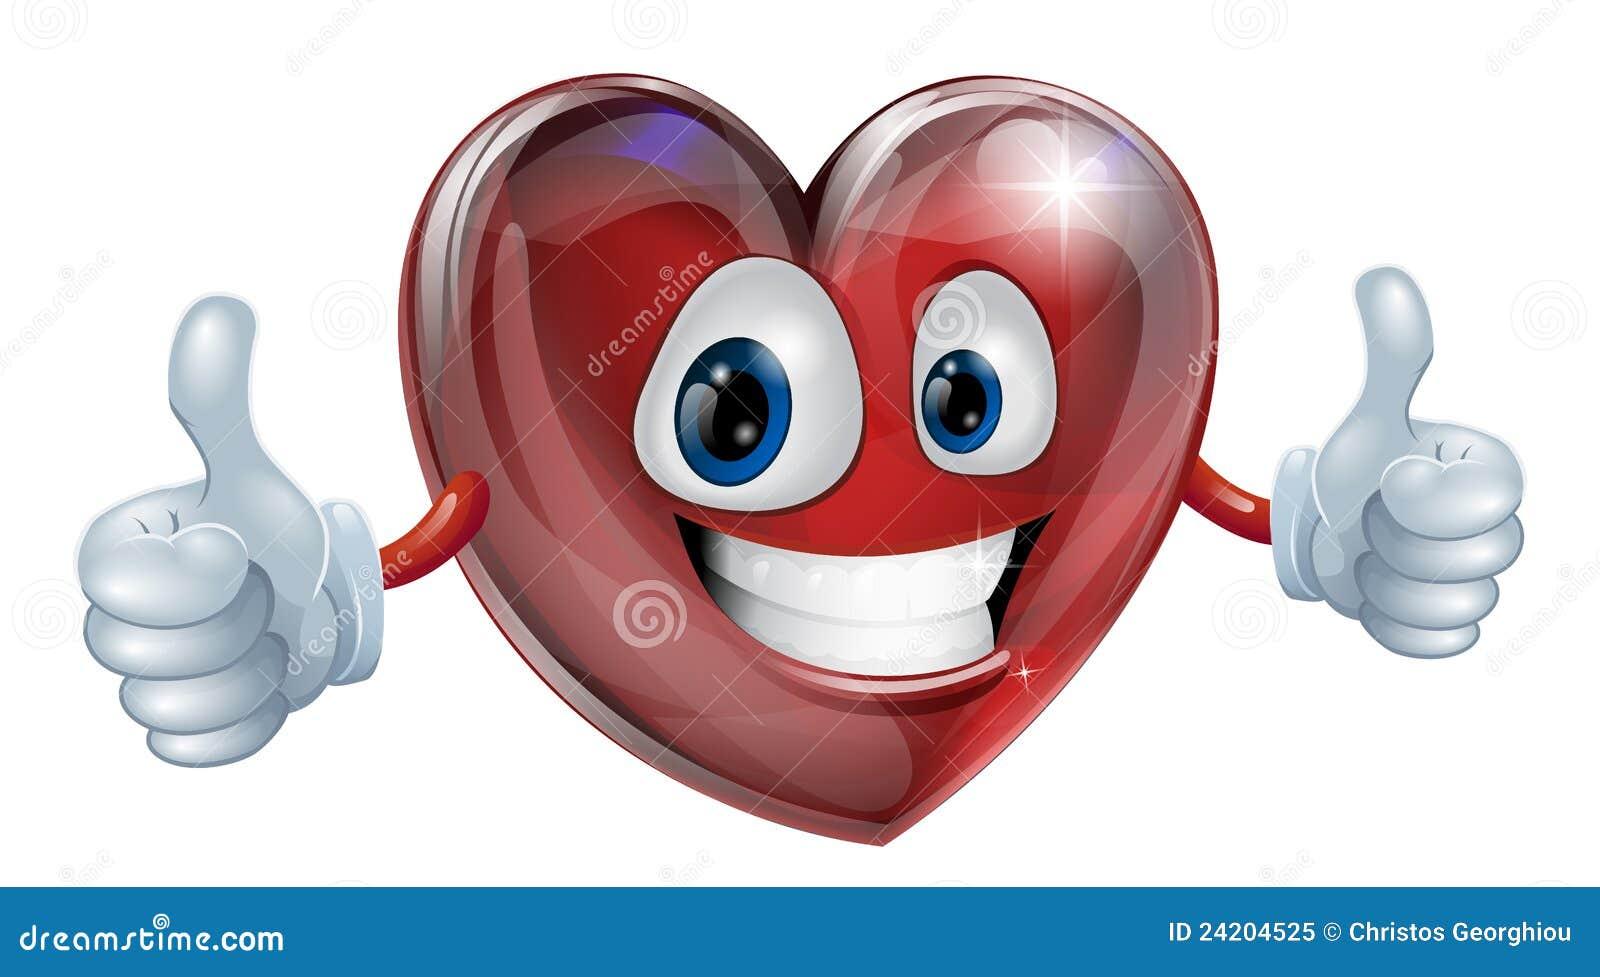 Dessin de mascotte de coeur illustration de vecteur - Dessin avec emoticone ...